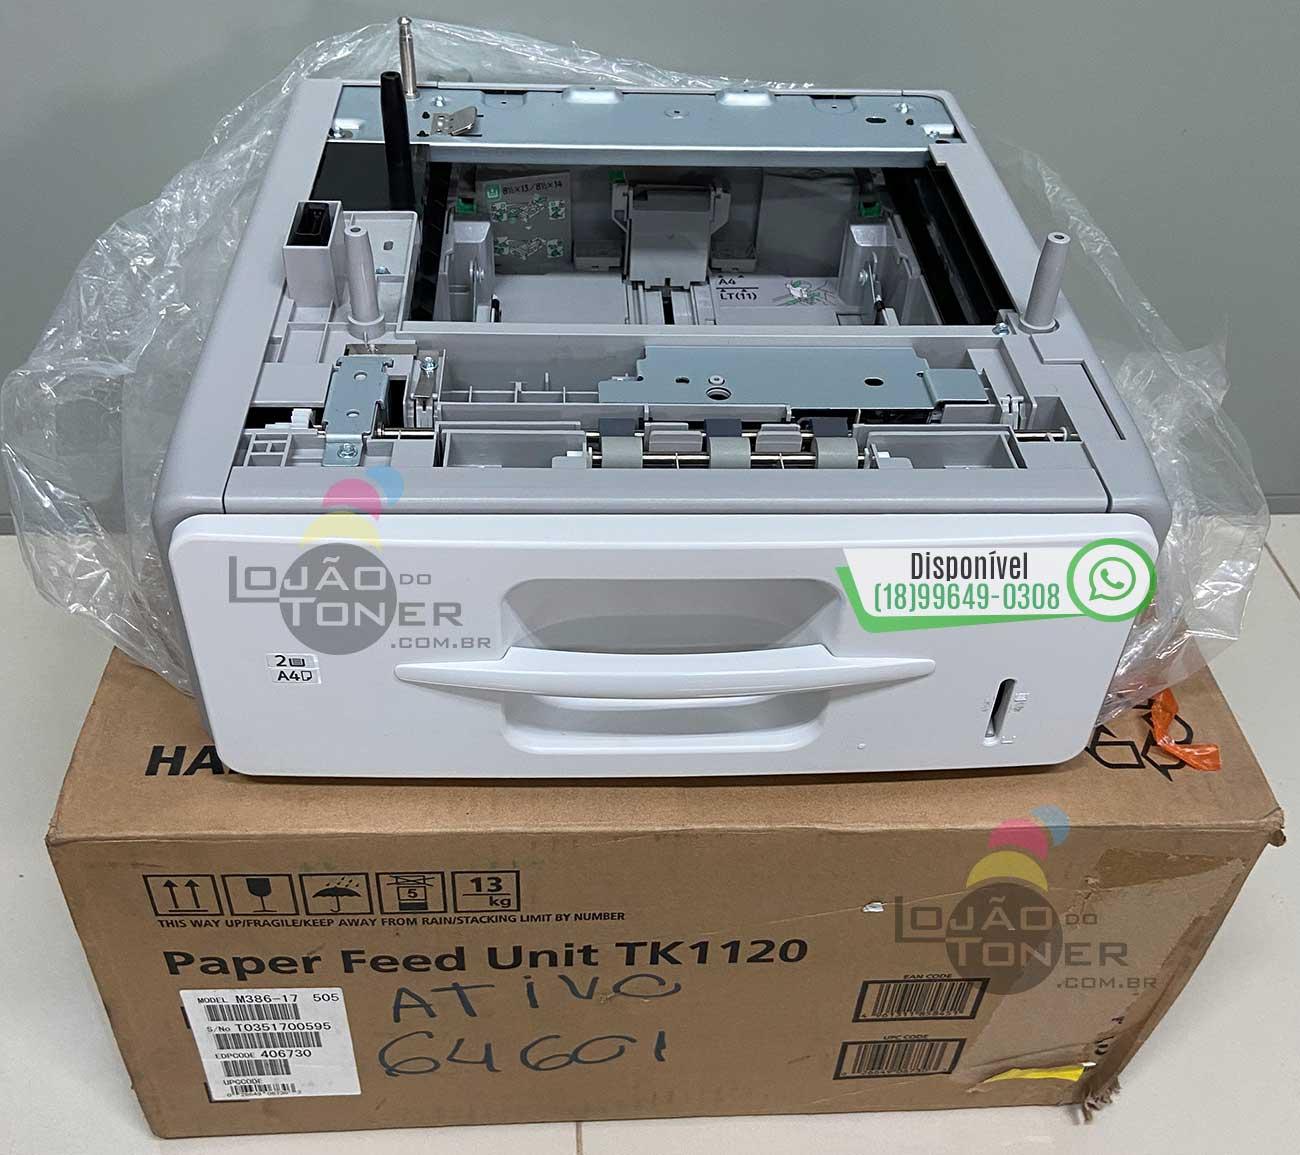 Gaveta do Papel Ricoh SP 5200 / Ricoh SP 5210 (406730) (Gaveta 1 - Unidade de Alimentação do Papel) Original